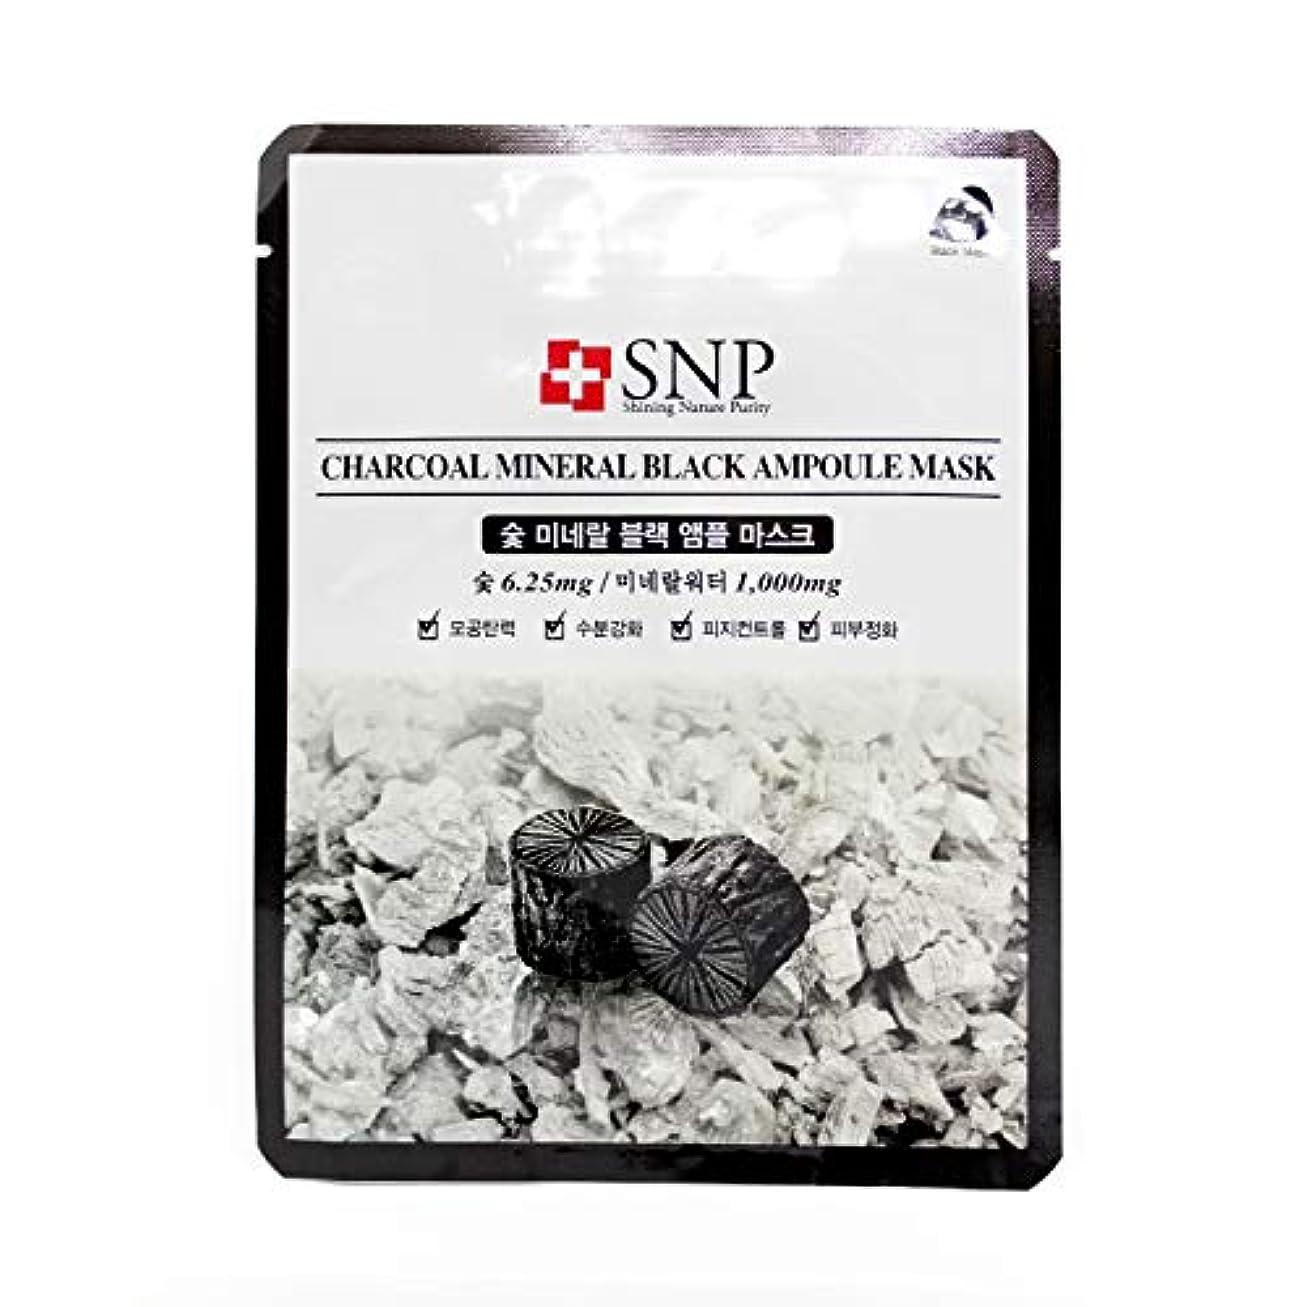 ルール避難鏡SNP エスエヌピー 炭 ミネラル ブラック アンプル マスク 10枚セット